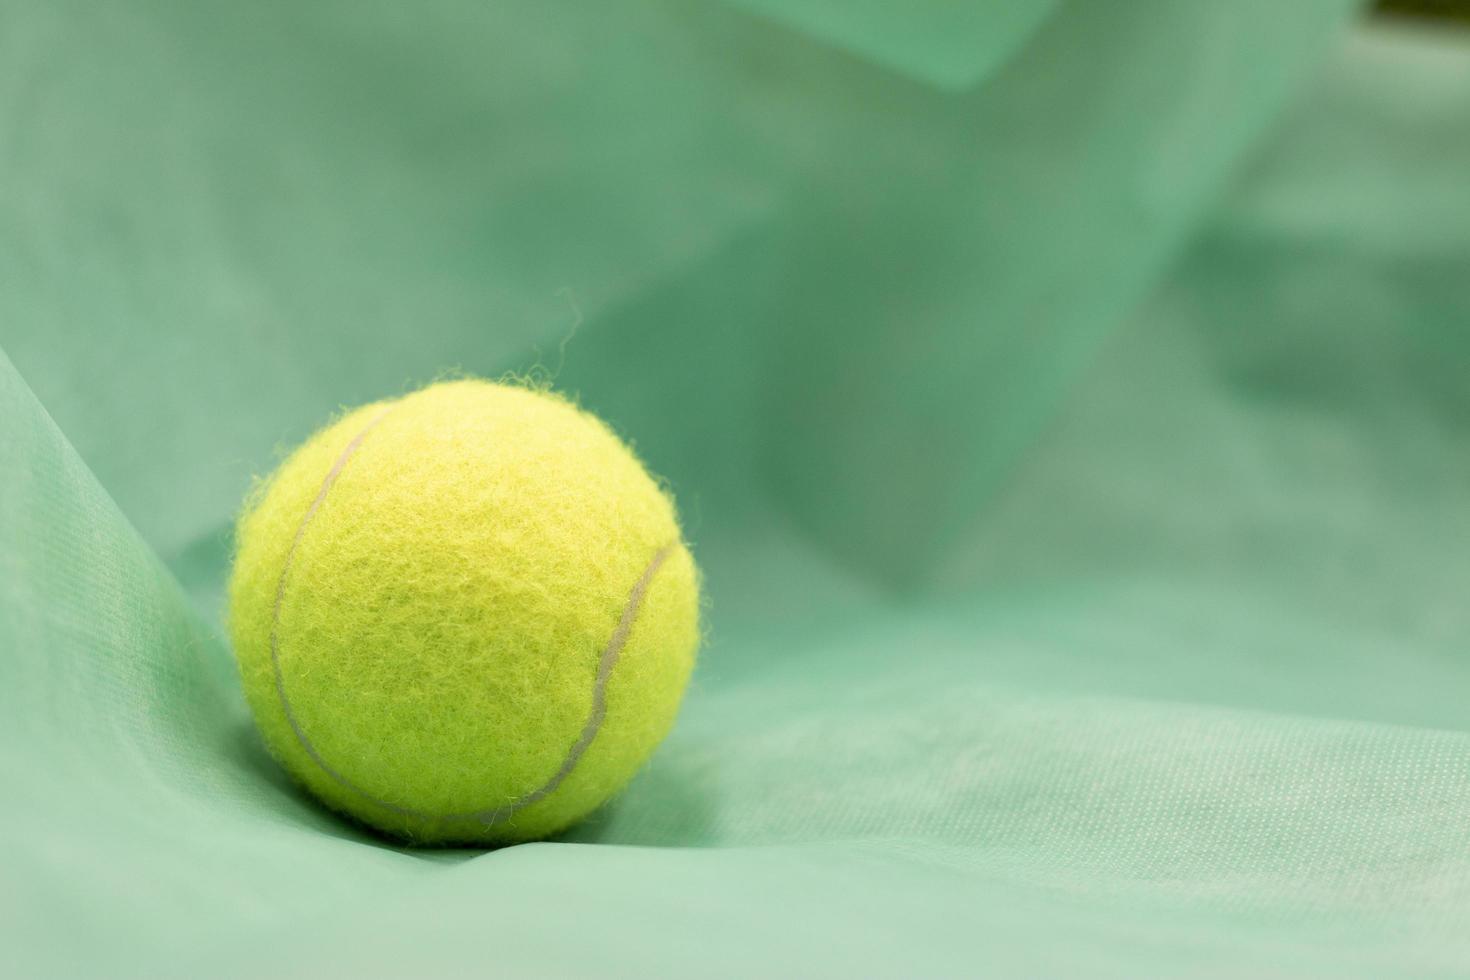 pelota de tenis está sobre fondo verde foto